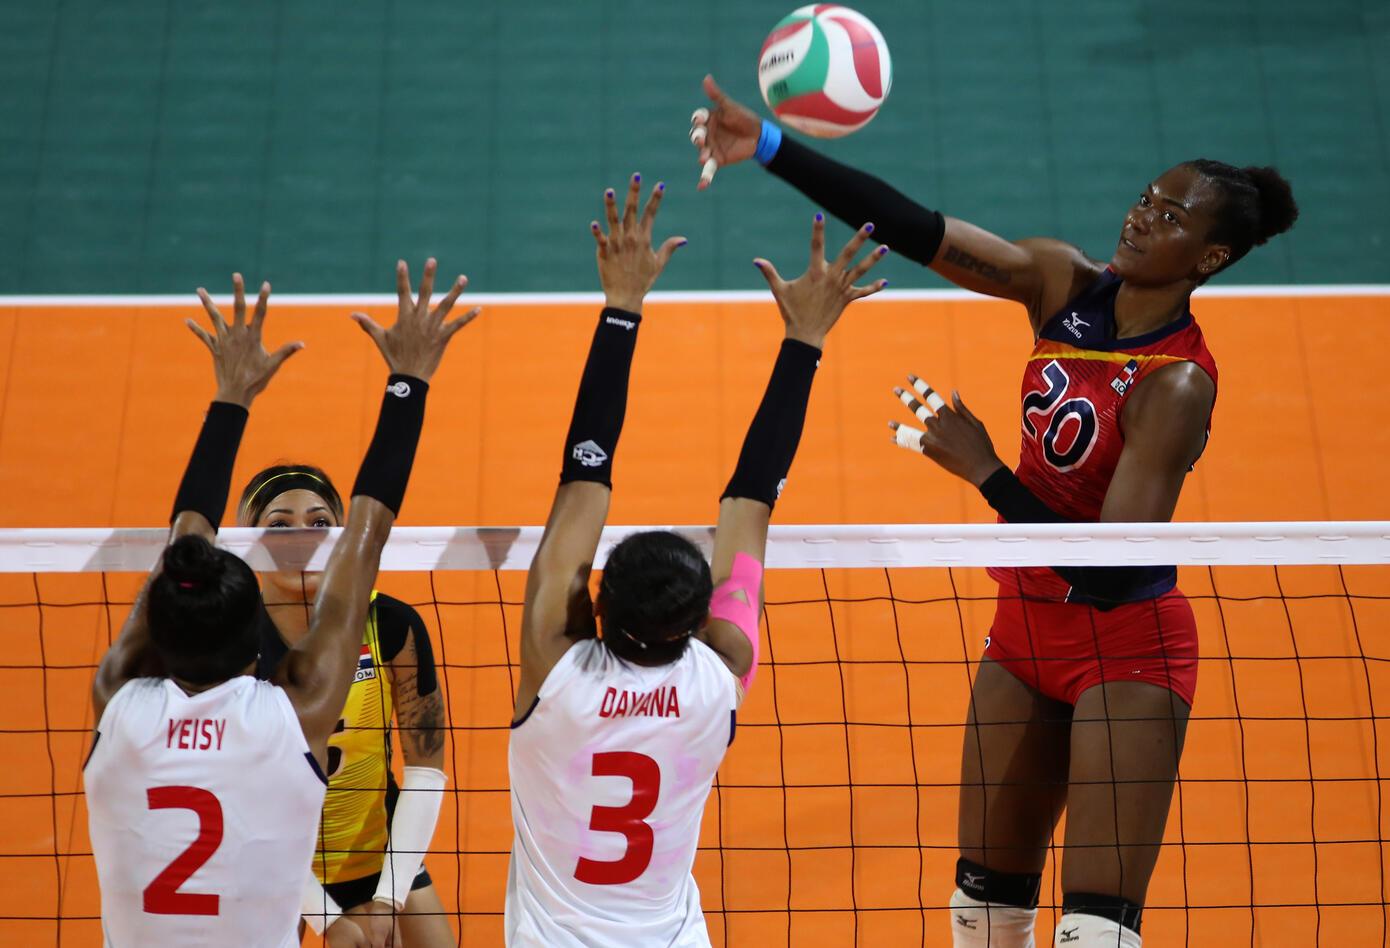 Colombia batalló hasta el final, pero debió conformarse con la medalla de plata